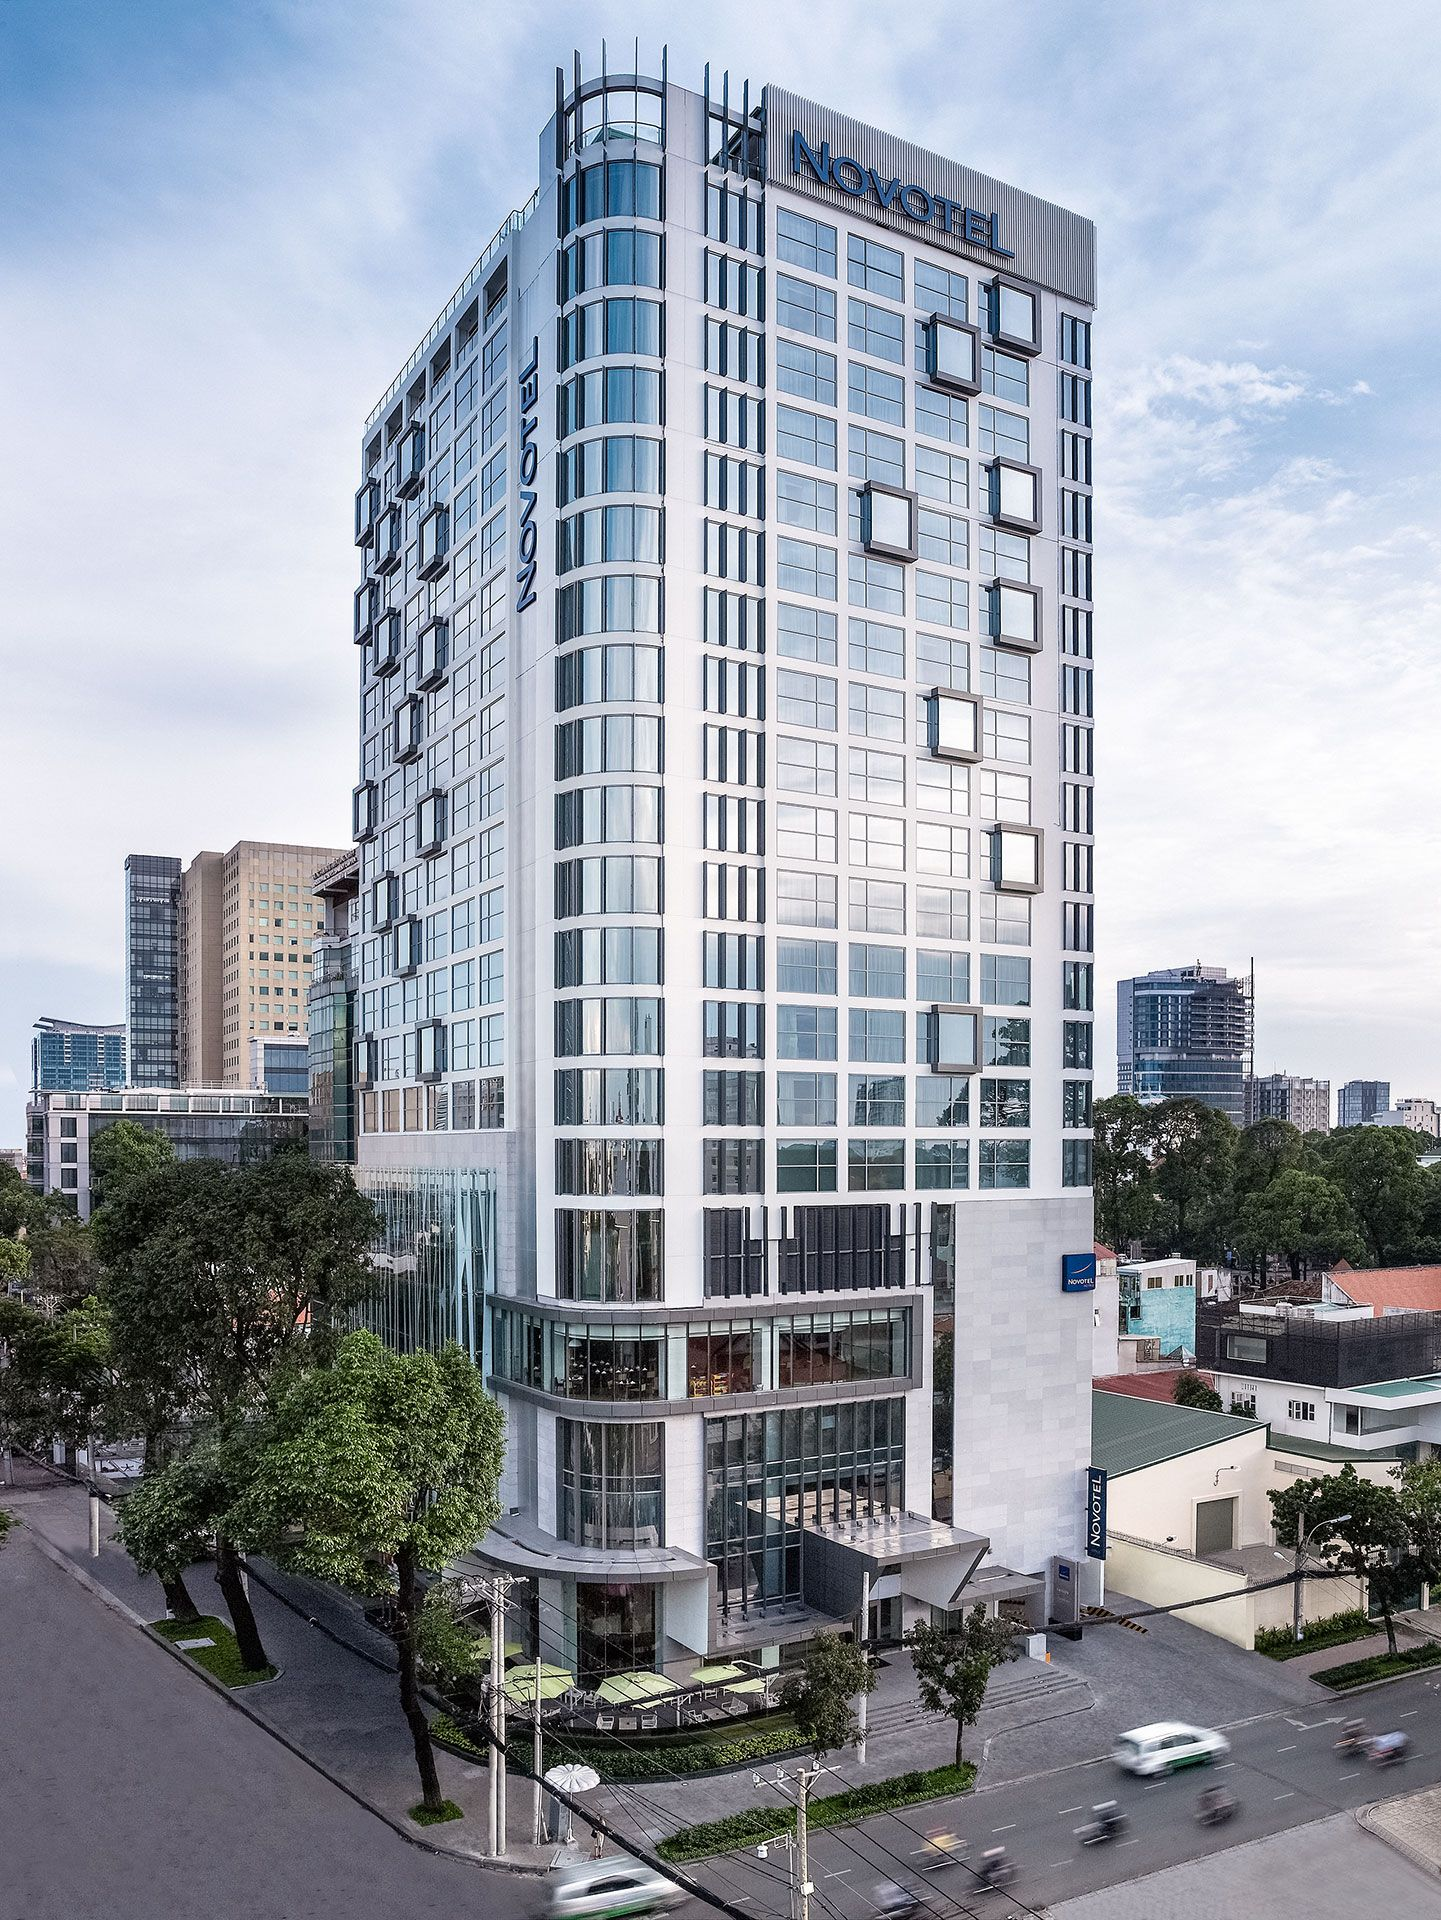 Novotel Saigon Centre Best Hotel in Vietnam